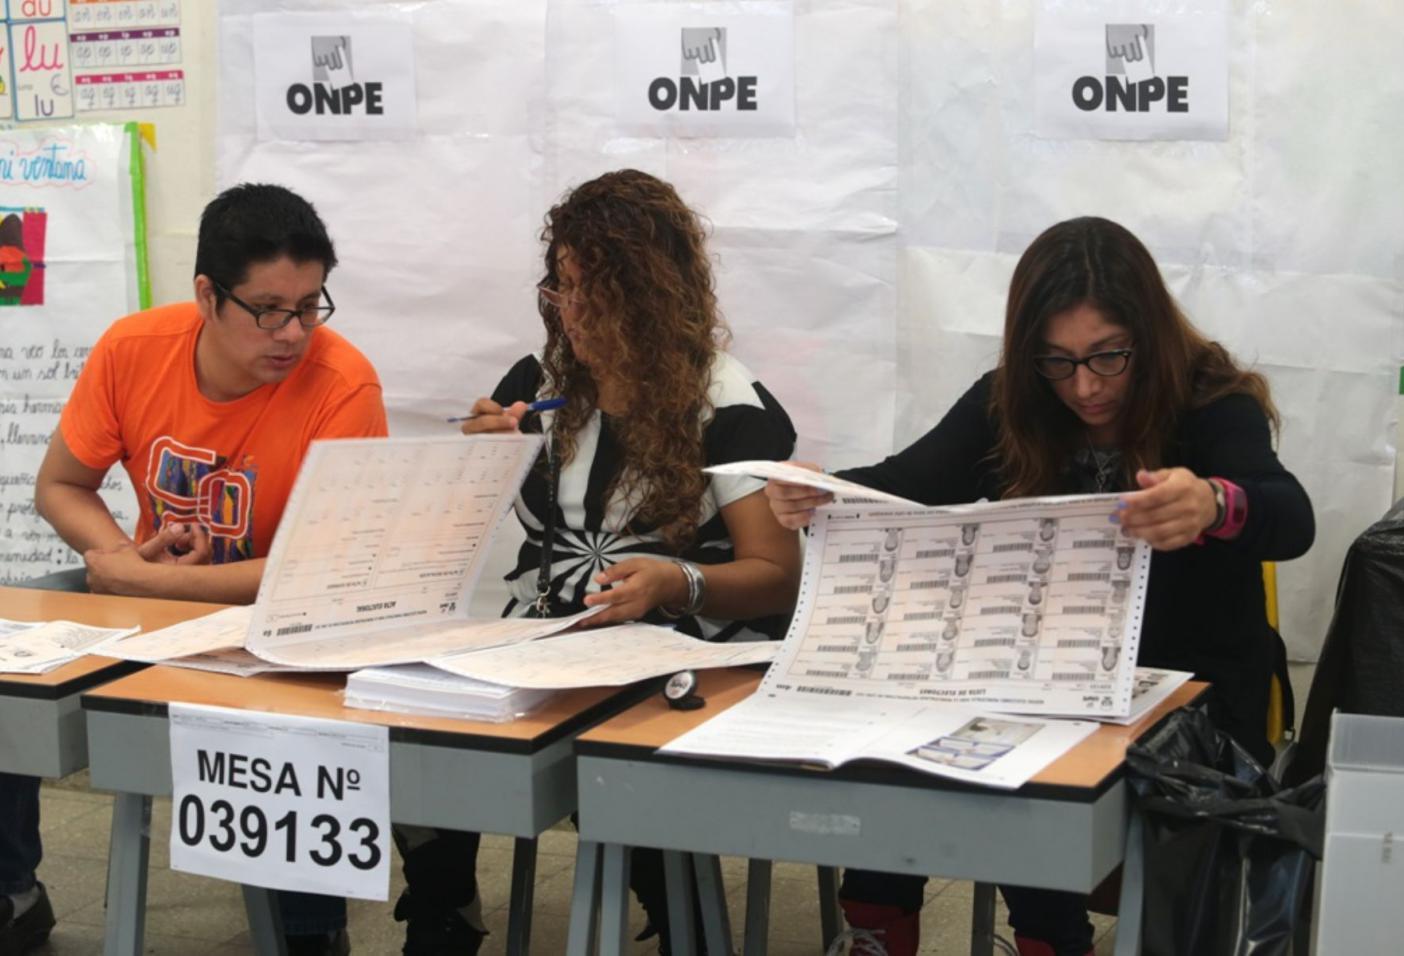 Lunes ser d a no laborable para miembros de mesa for Carles mesa radio nacional